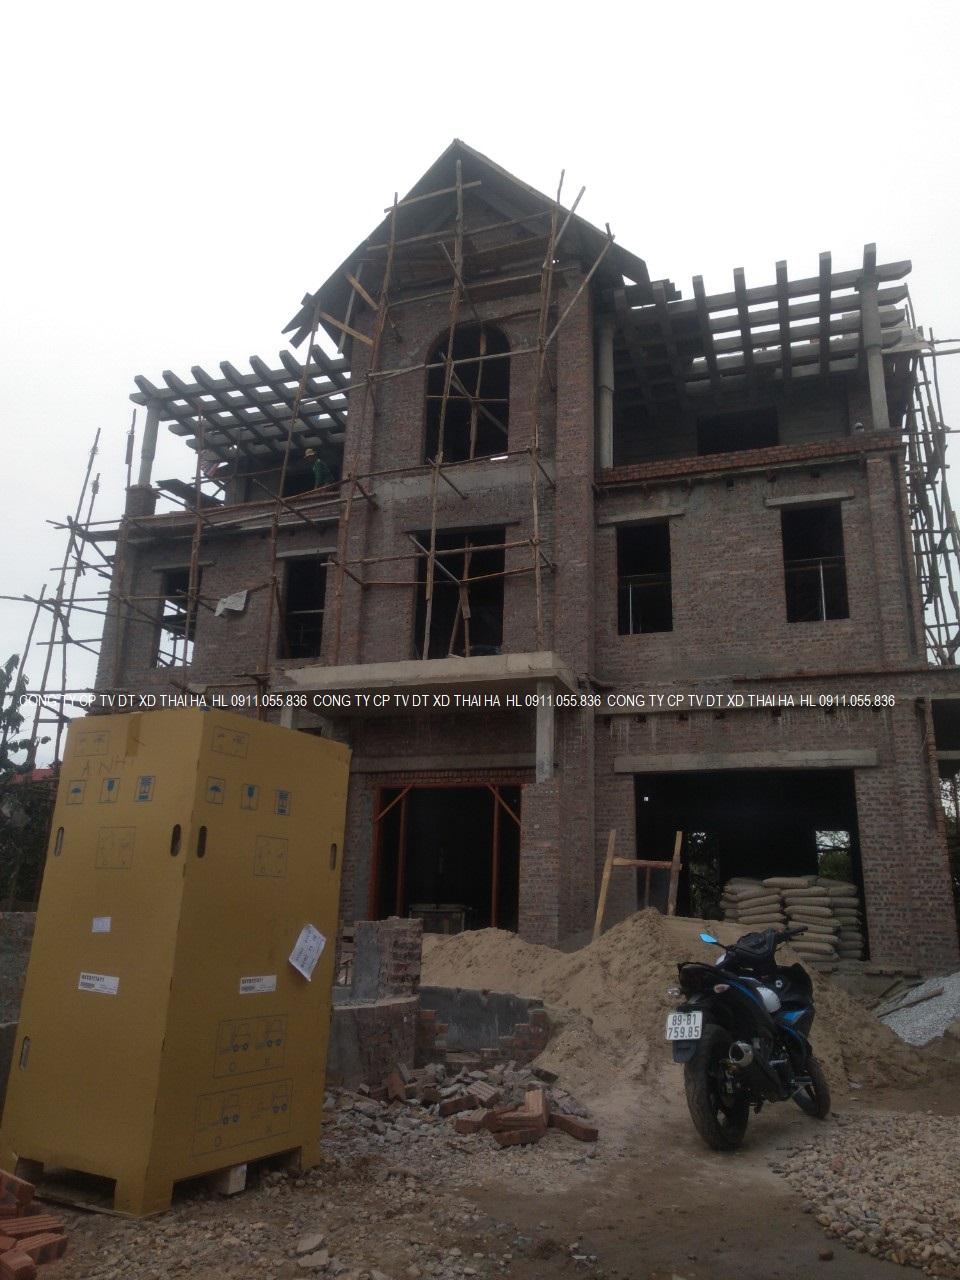 Điều hòa trung tâm cho biệt thự Quế võ, Bắc Ninh